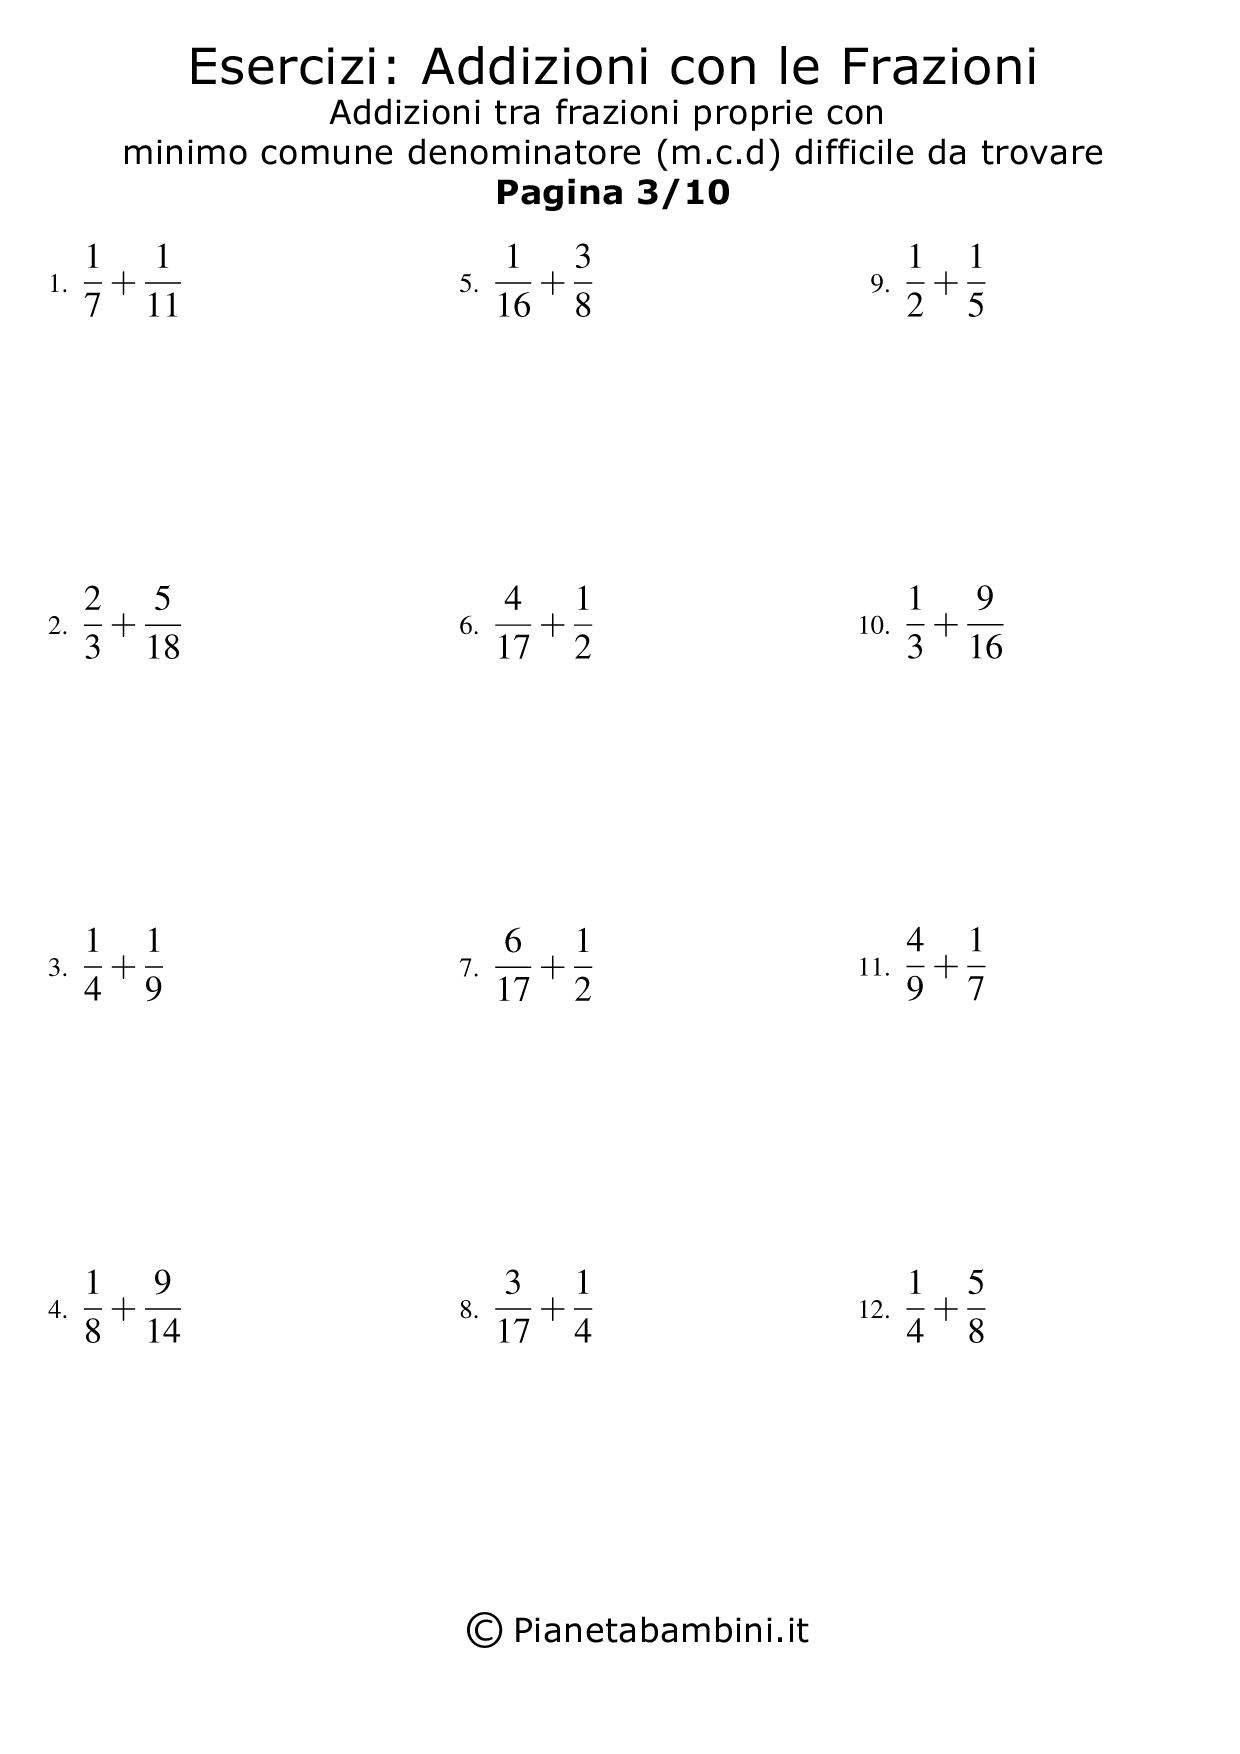 Frazioni-Facili-m.c.d-difficile_03